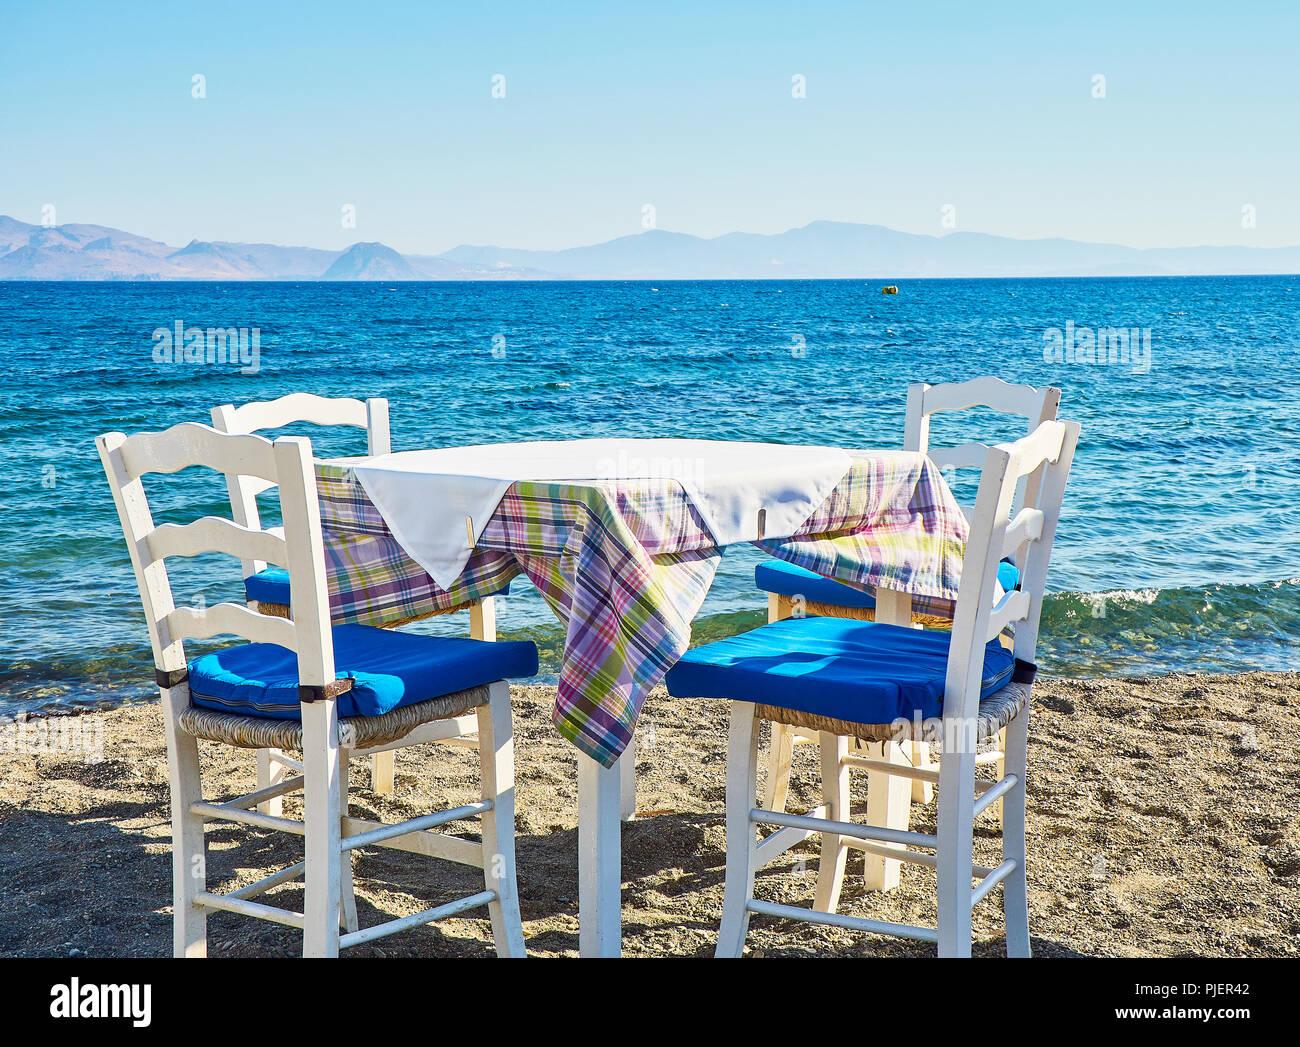 Des Près Dans De Avec Chaises D'une Table Mer Une La Taverne Grecque bfYy76g